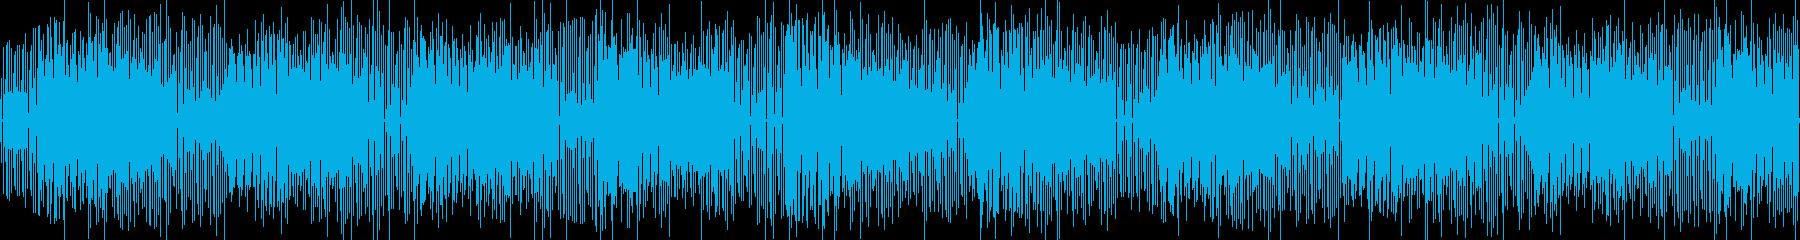 ピアノとオルガン、ワクワクほのぼの楽しいの再生済みの波形